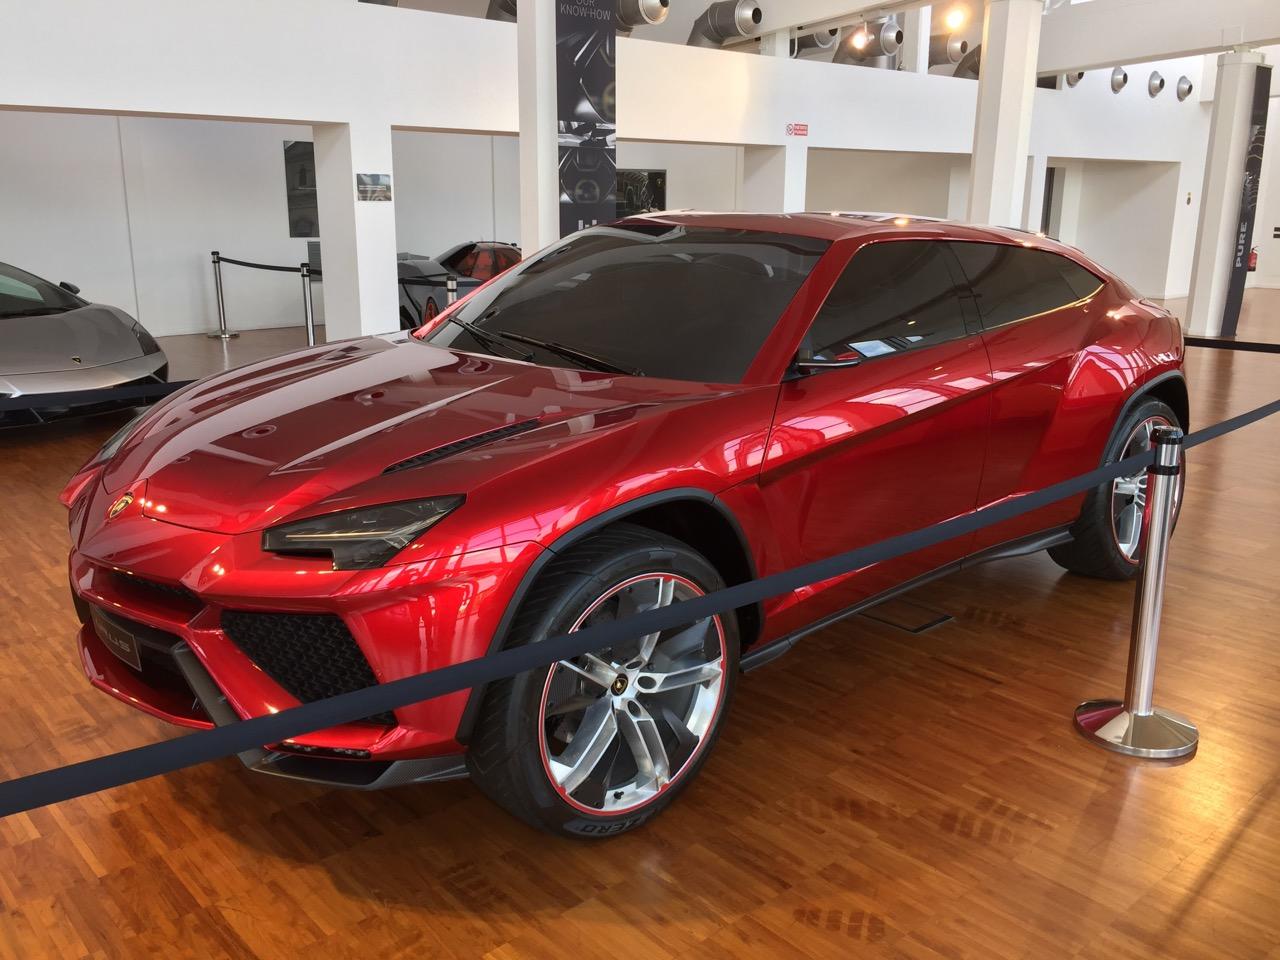 Кроссовер Lamborghini уже доступен для предварительного заказа